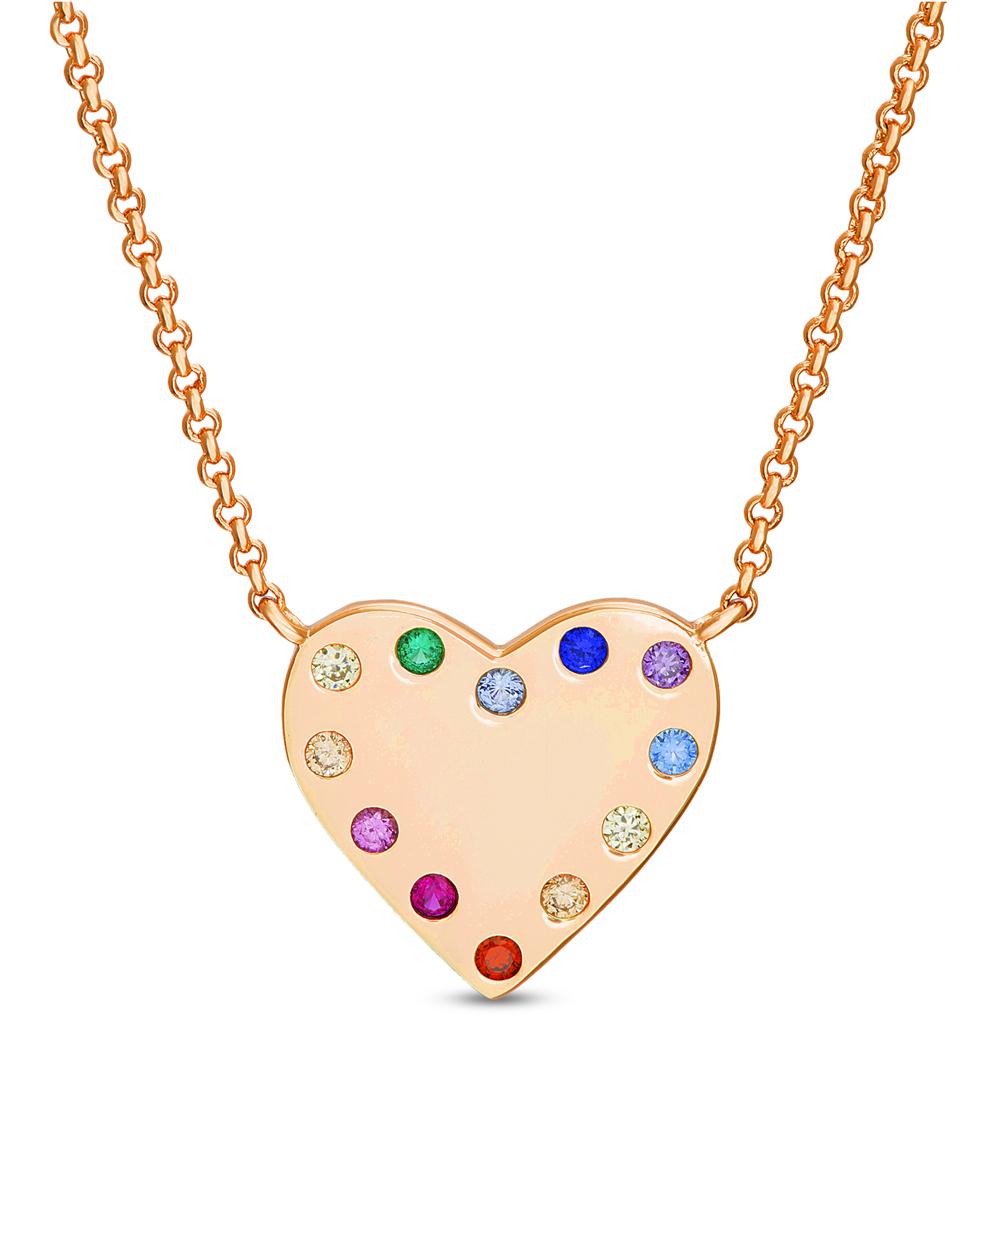 Conjunto corazon rose con piedras multicolor